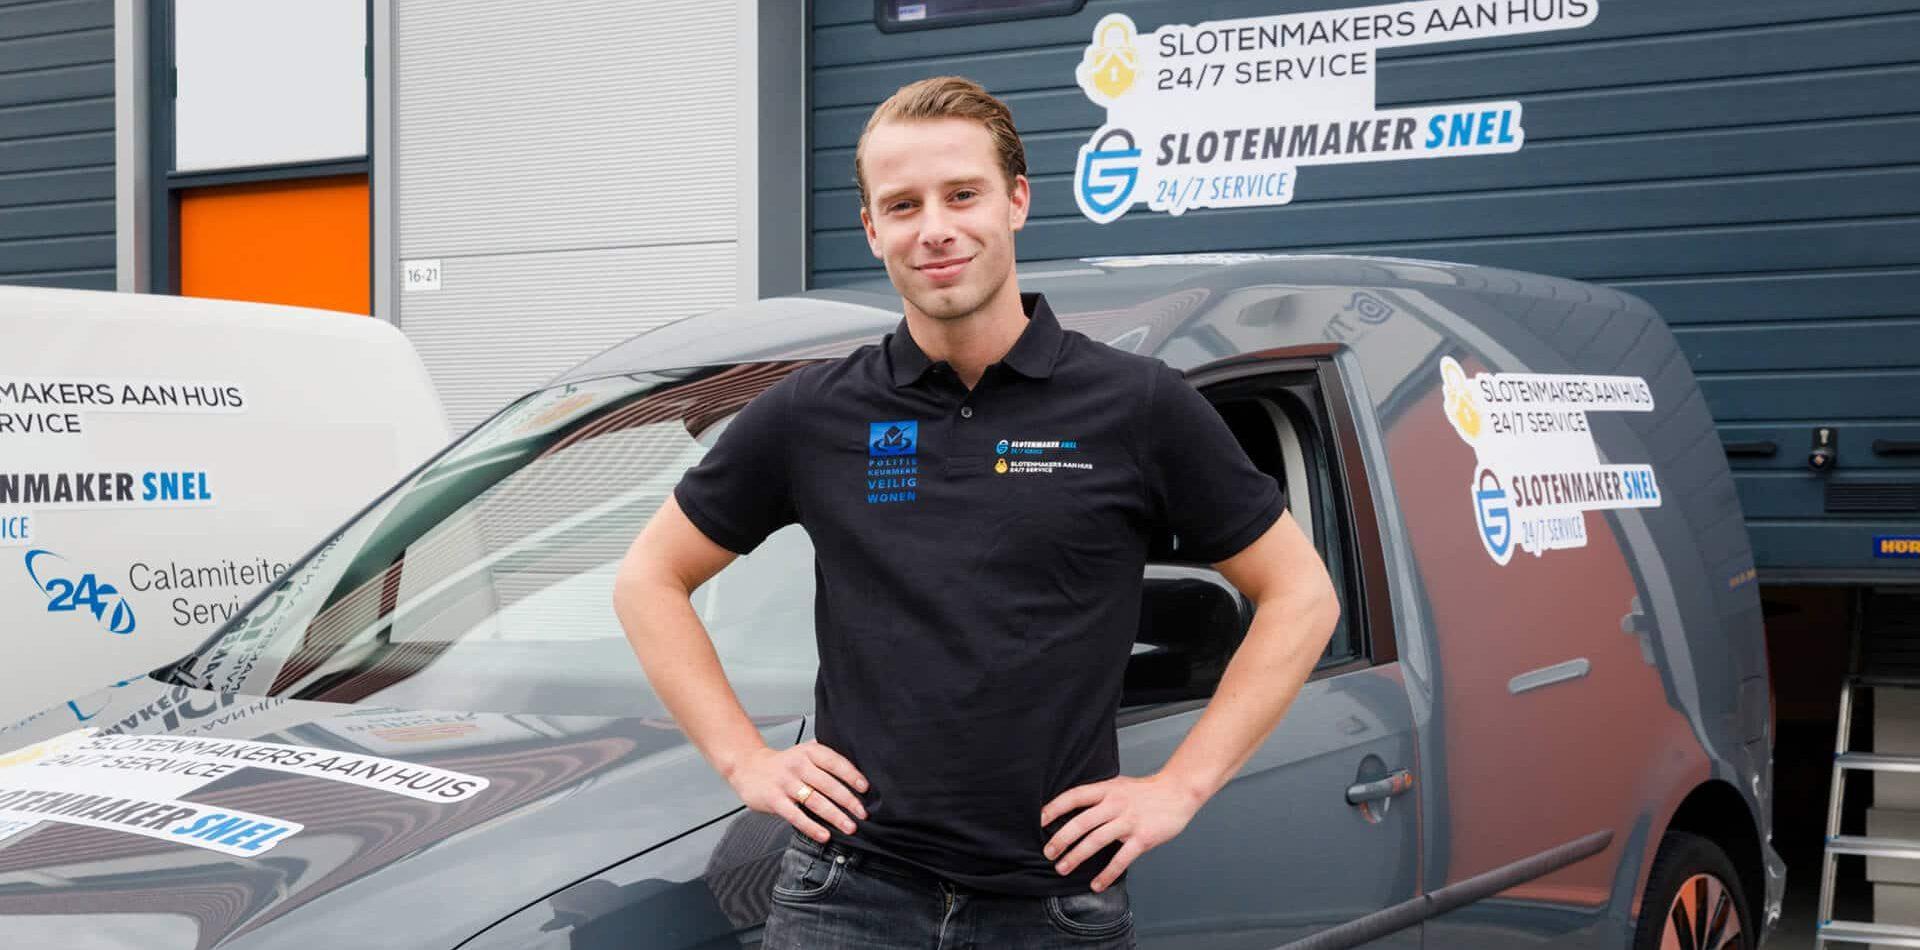 Slotenmaker Naaldwijk